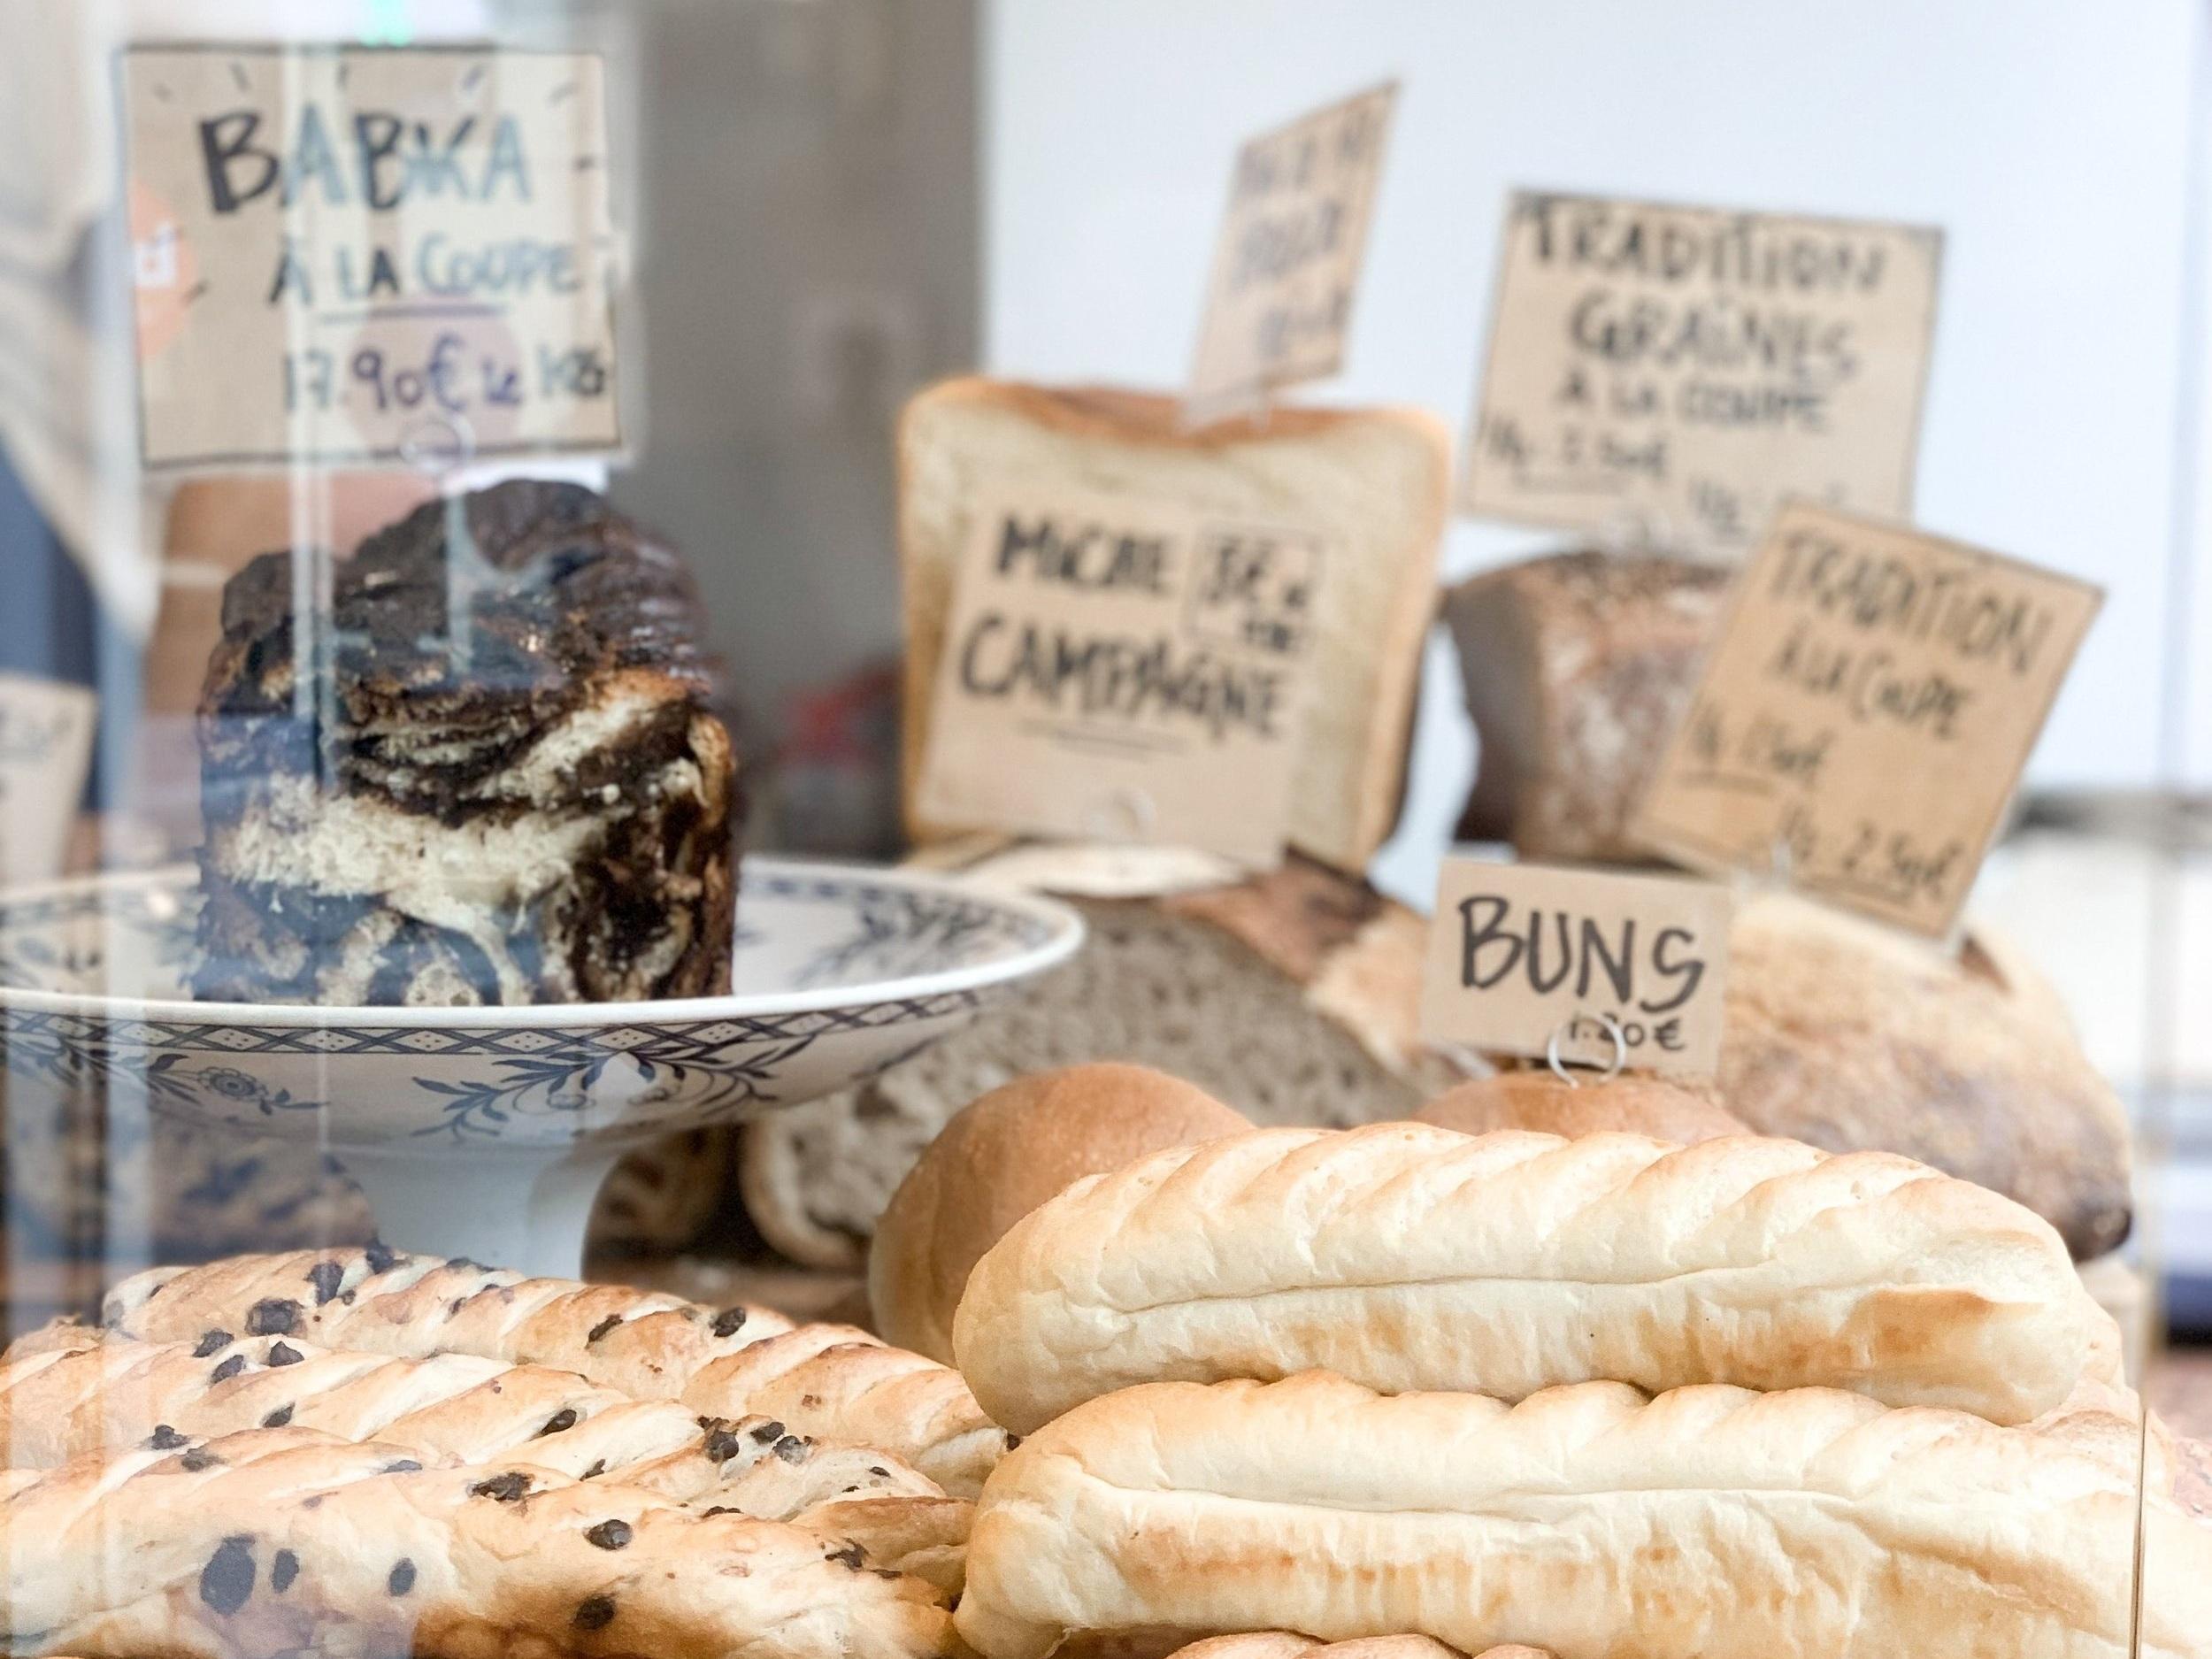 巴黎近年掀起麵包新浪潮,圖中為 Mamiche 麵包店的櫥窗。